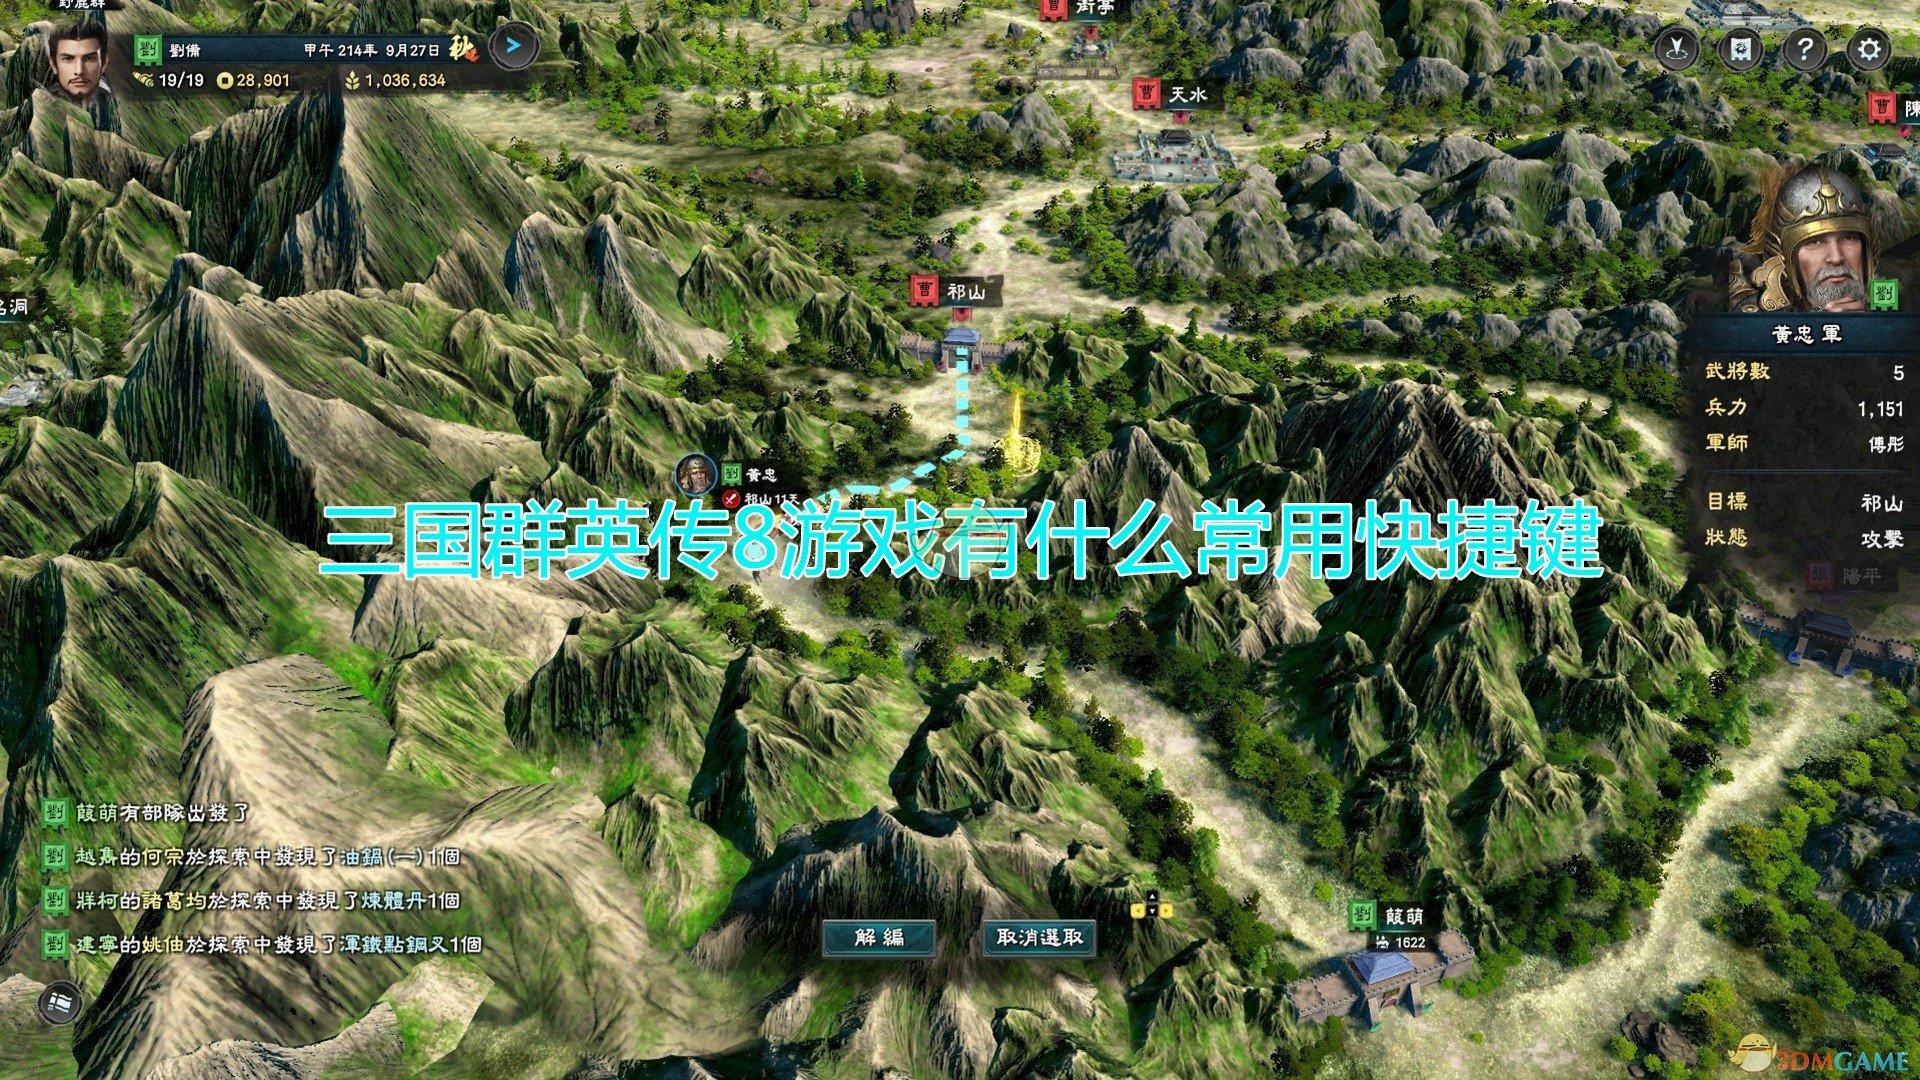 《三国群英传8》游戏常用快捷键一览